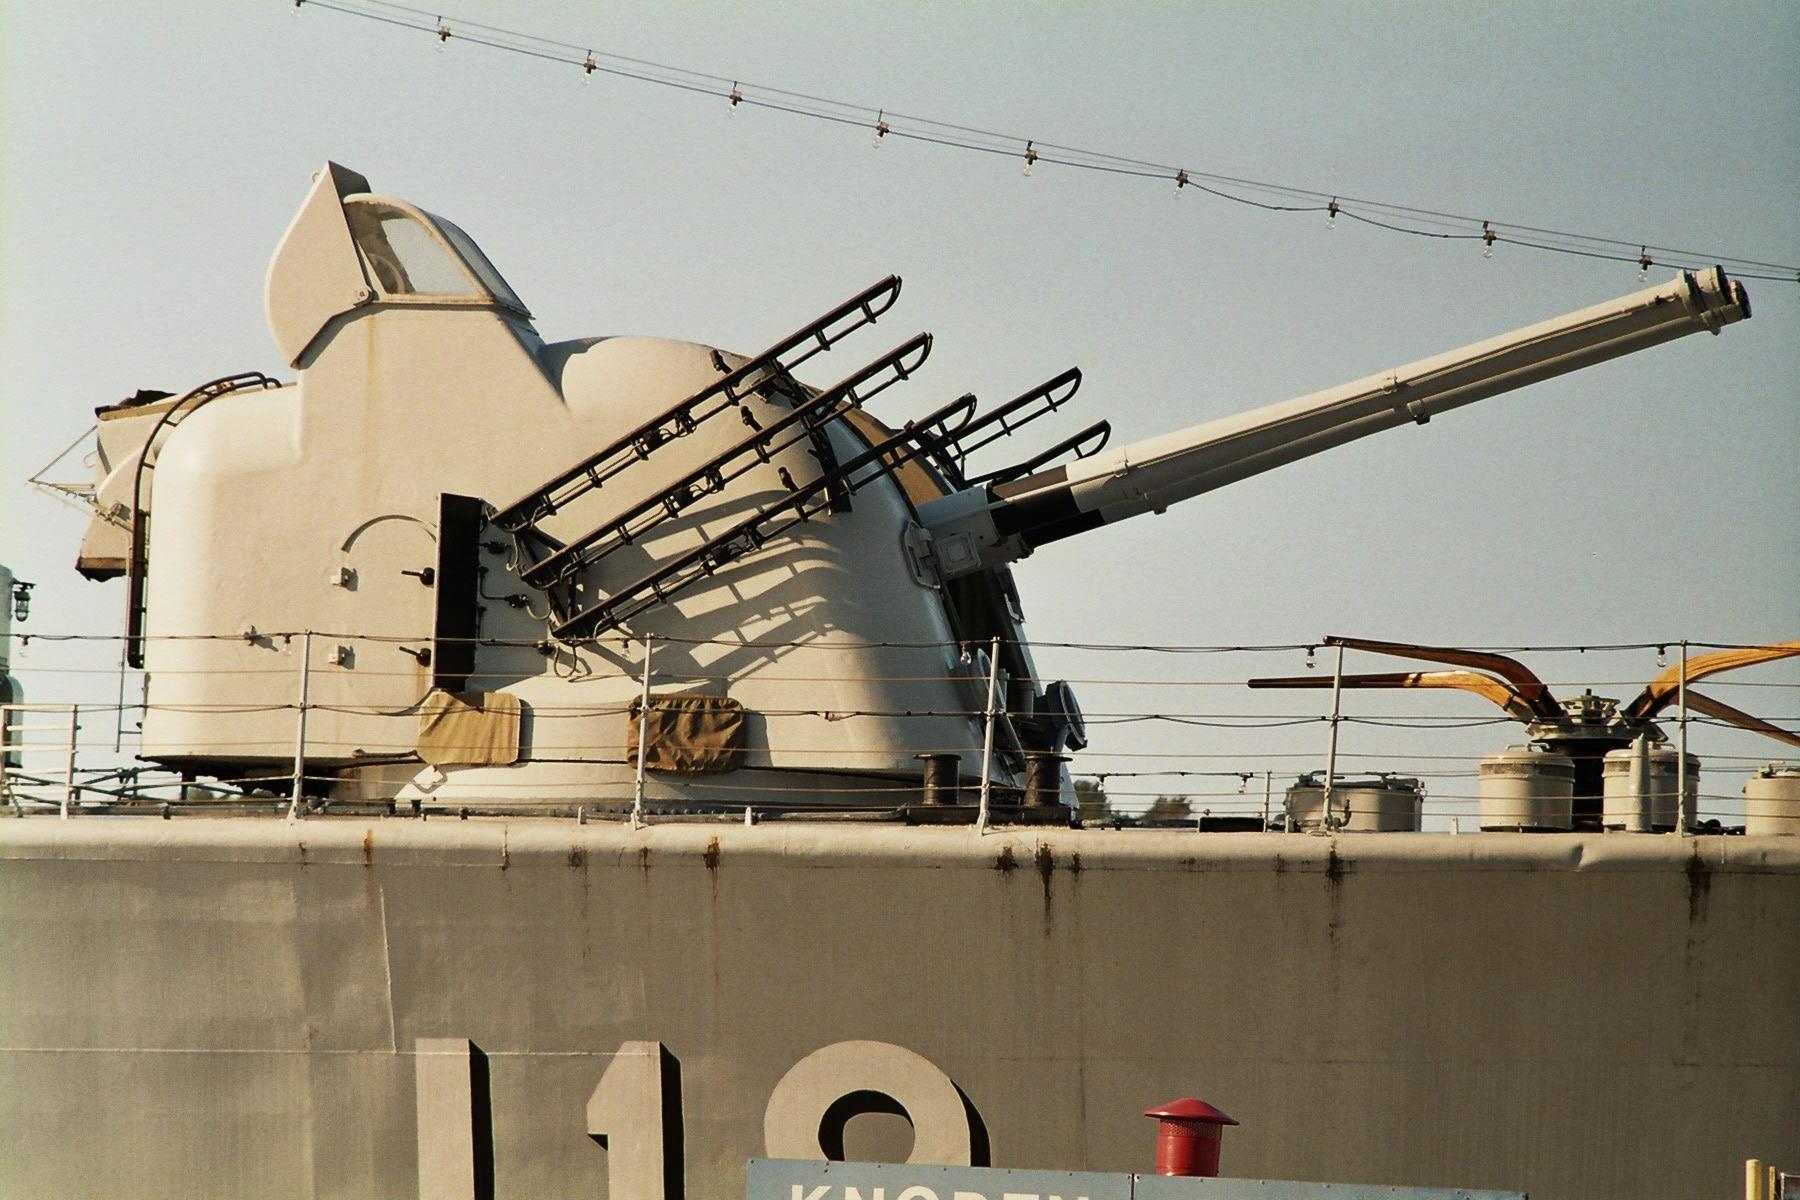 Worksheet 12 Cm Mm 12 cm mm scalien bofors 120 gun wikipedia